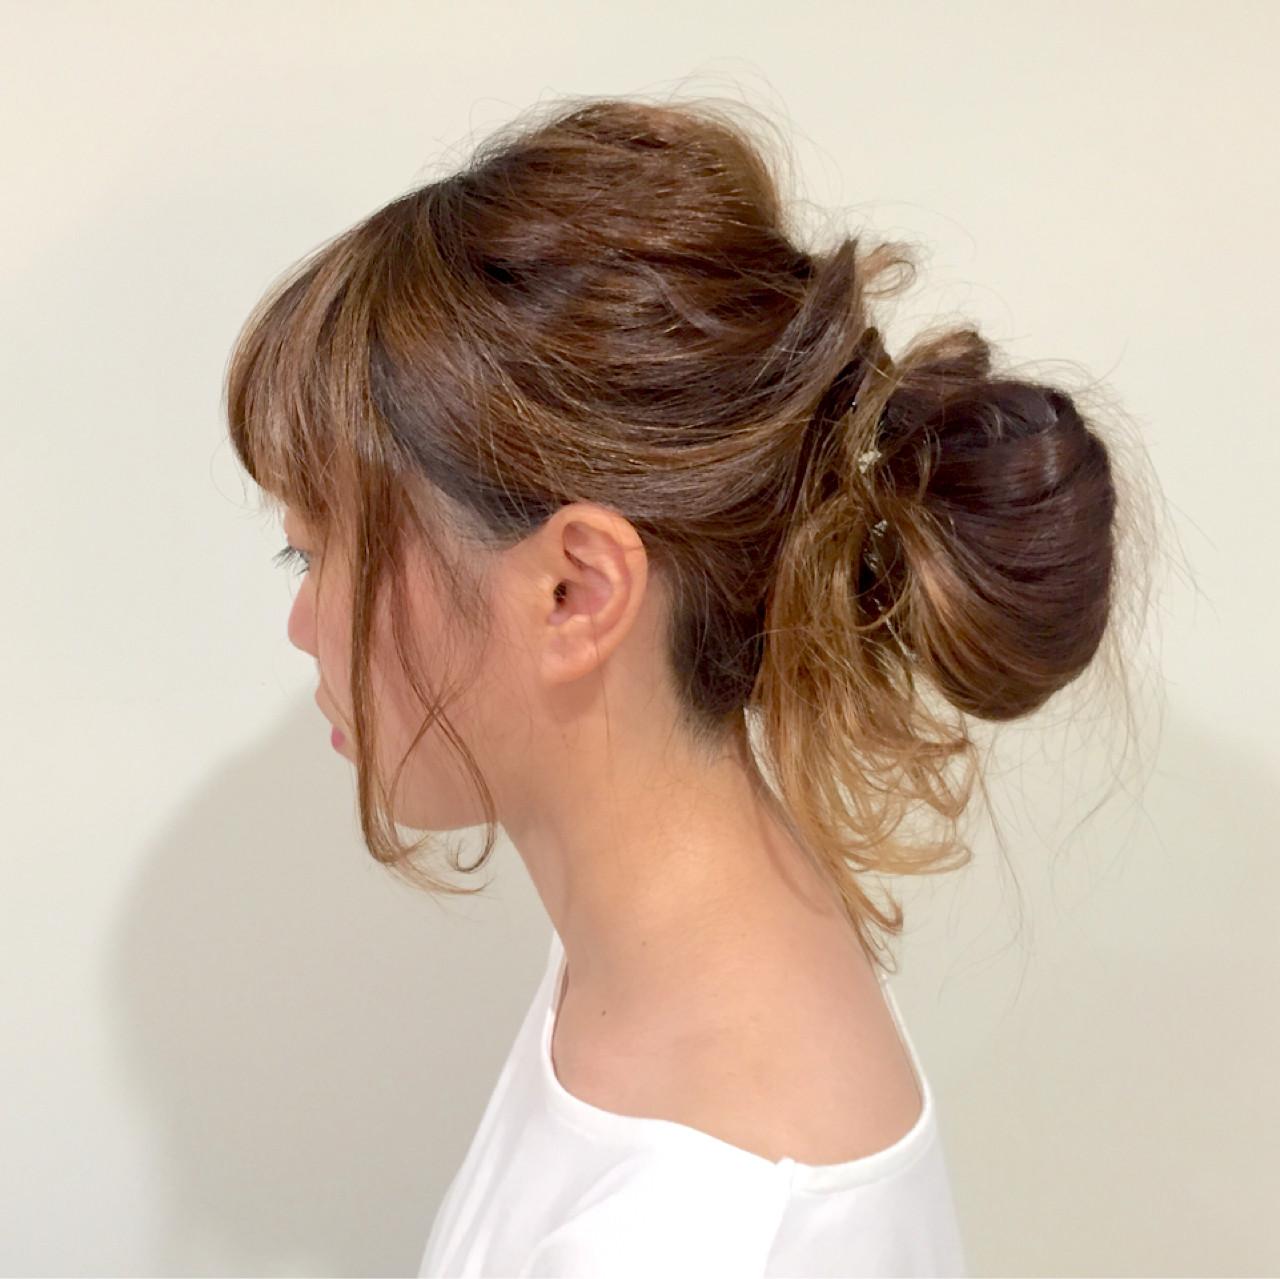 ヘアアレンジ ロング お団子 ショート ヘアスタイルや髪型の写真・画像 | 中川芽衣 / noi